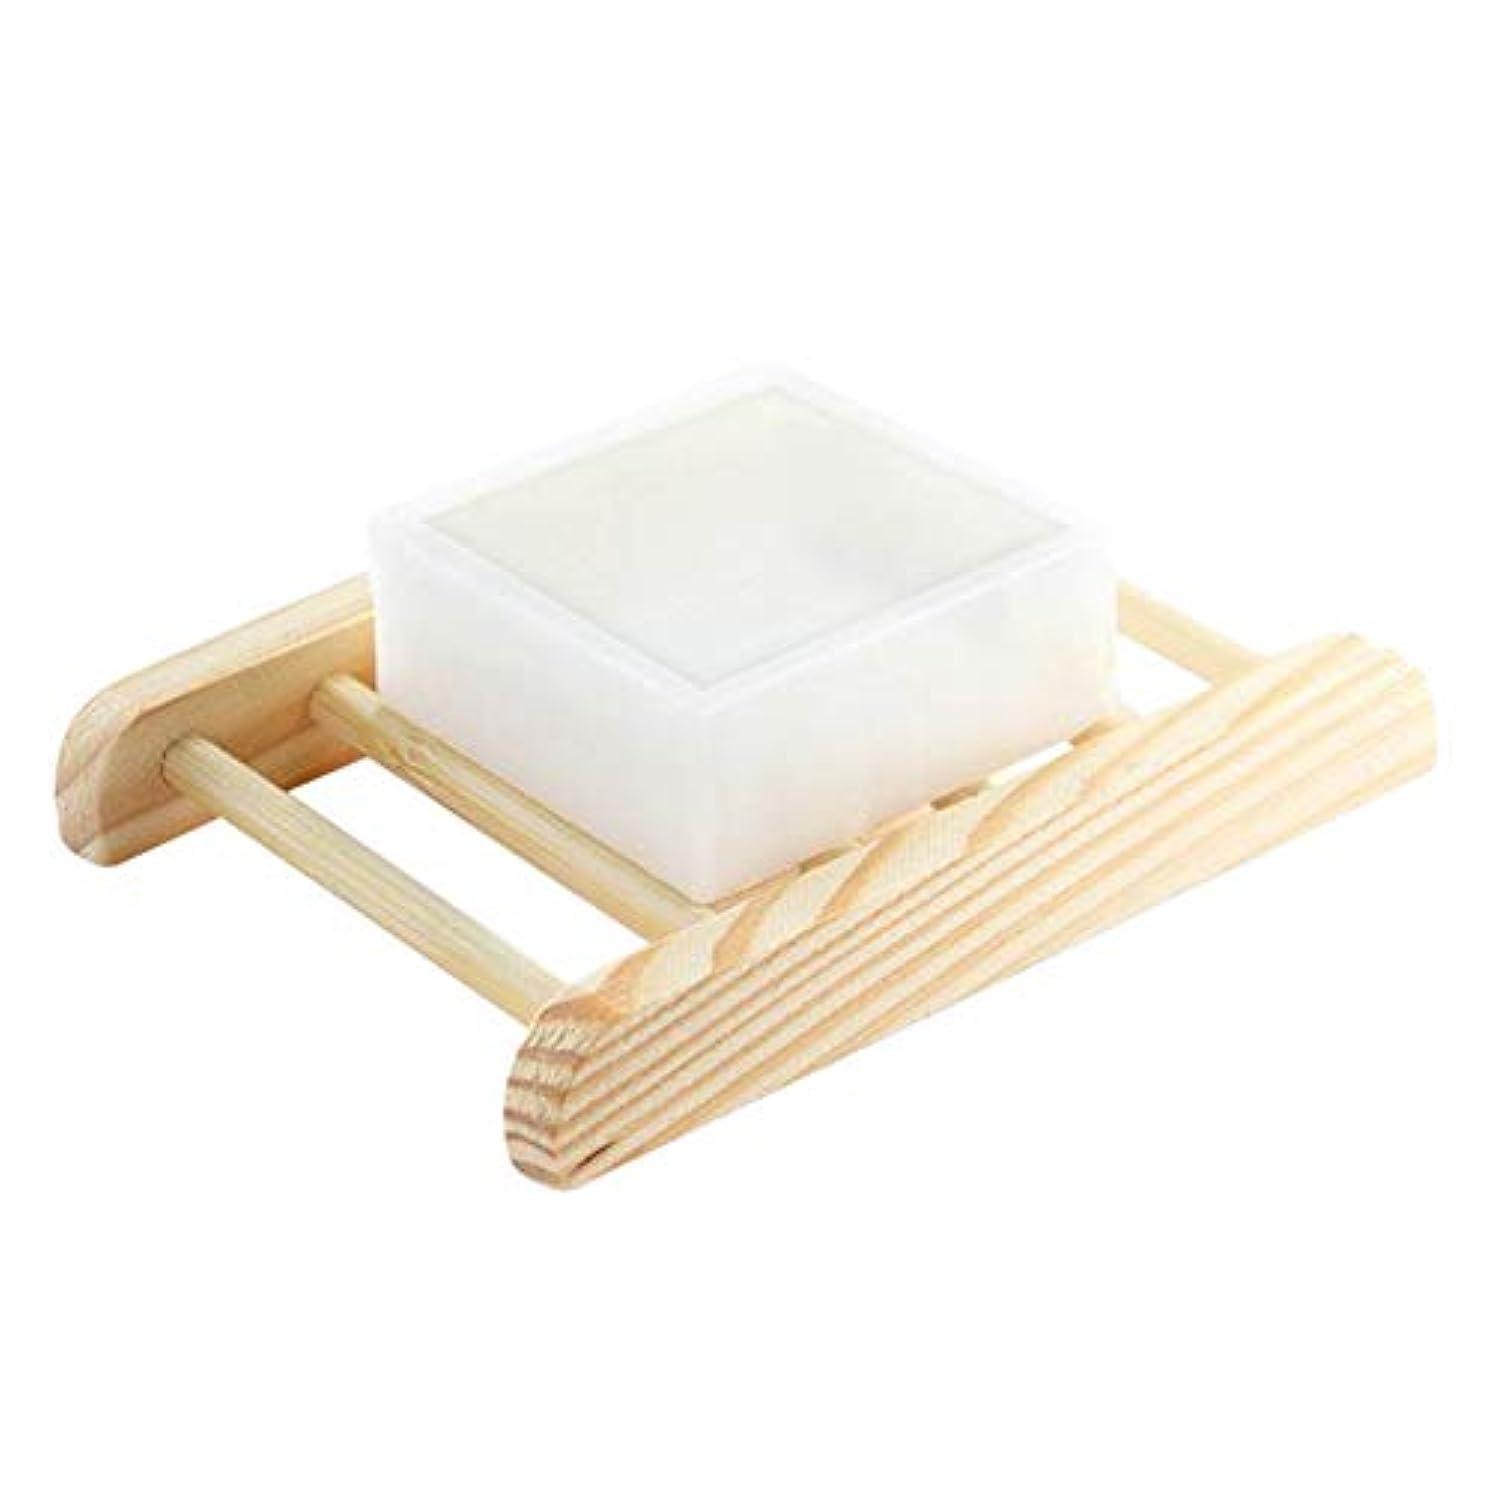 上下するアクションインタラクションKaddima ハンドメイド石鹸発酵ボディネックアームのホワイトニングホワイトニングソープ